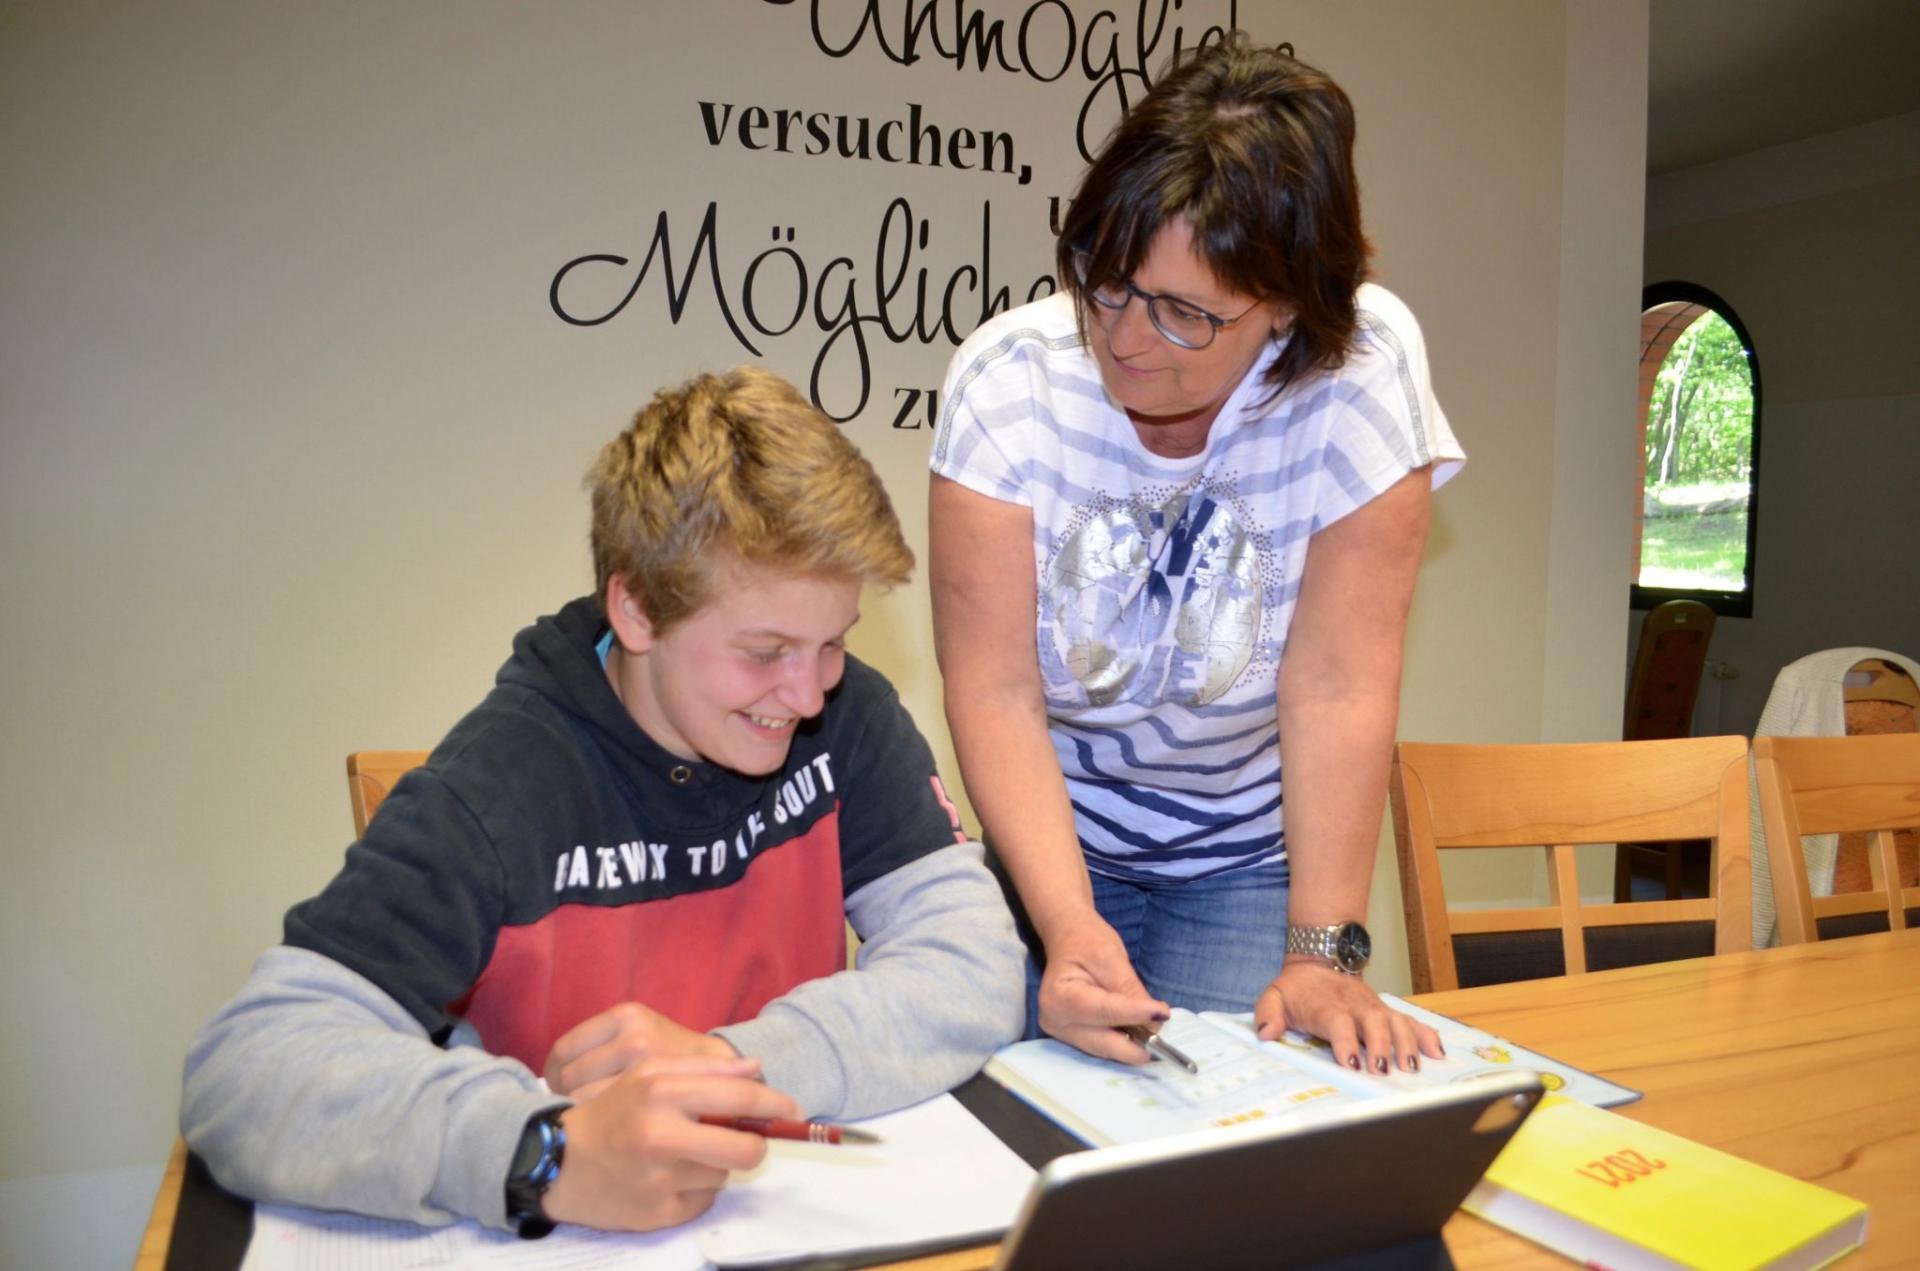 Die Schulkoordinatorin Agnes Simon unterstützt Kassandra während des Distanzunterrichts. Foto: Andreas Staindl